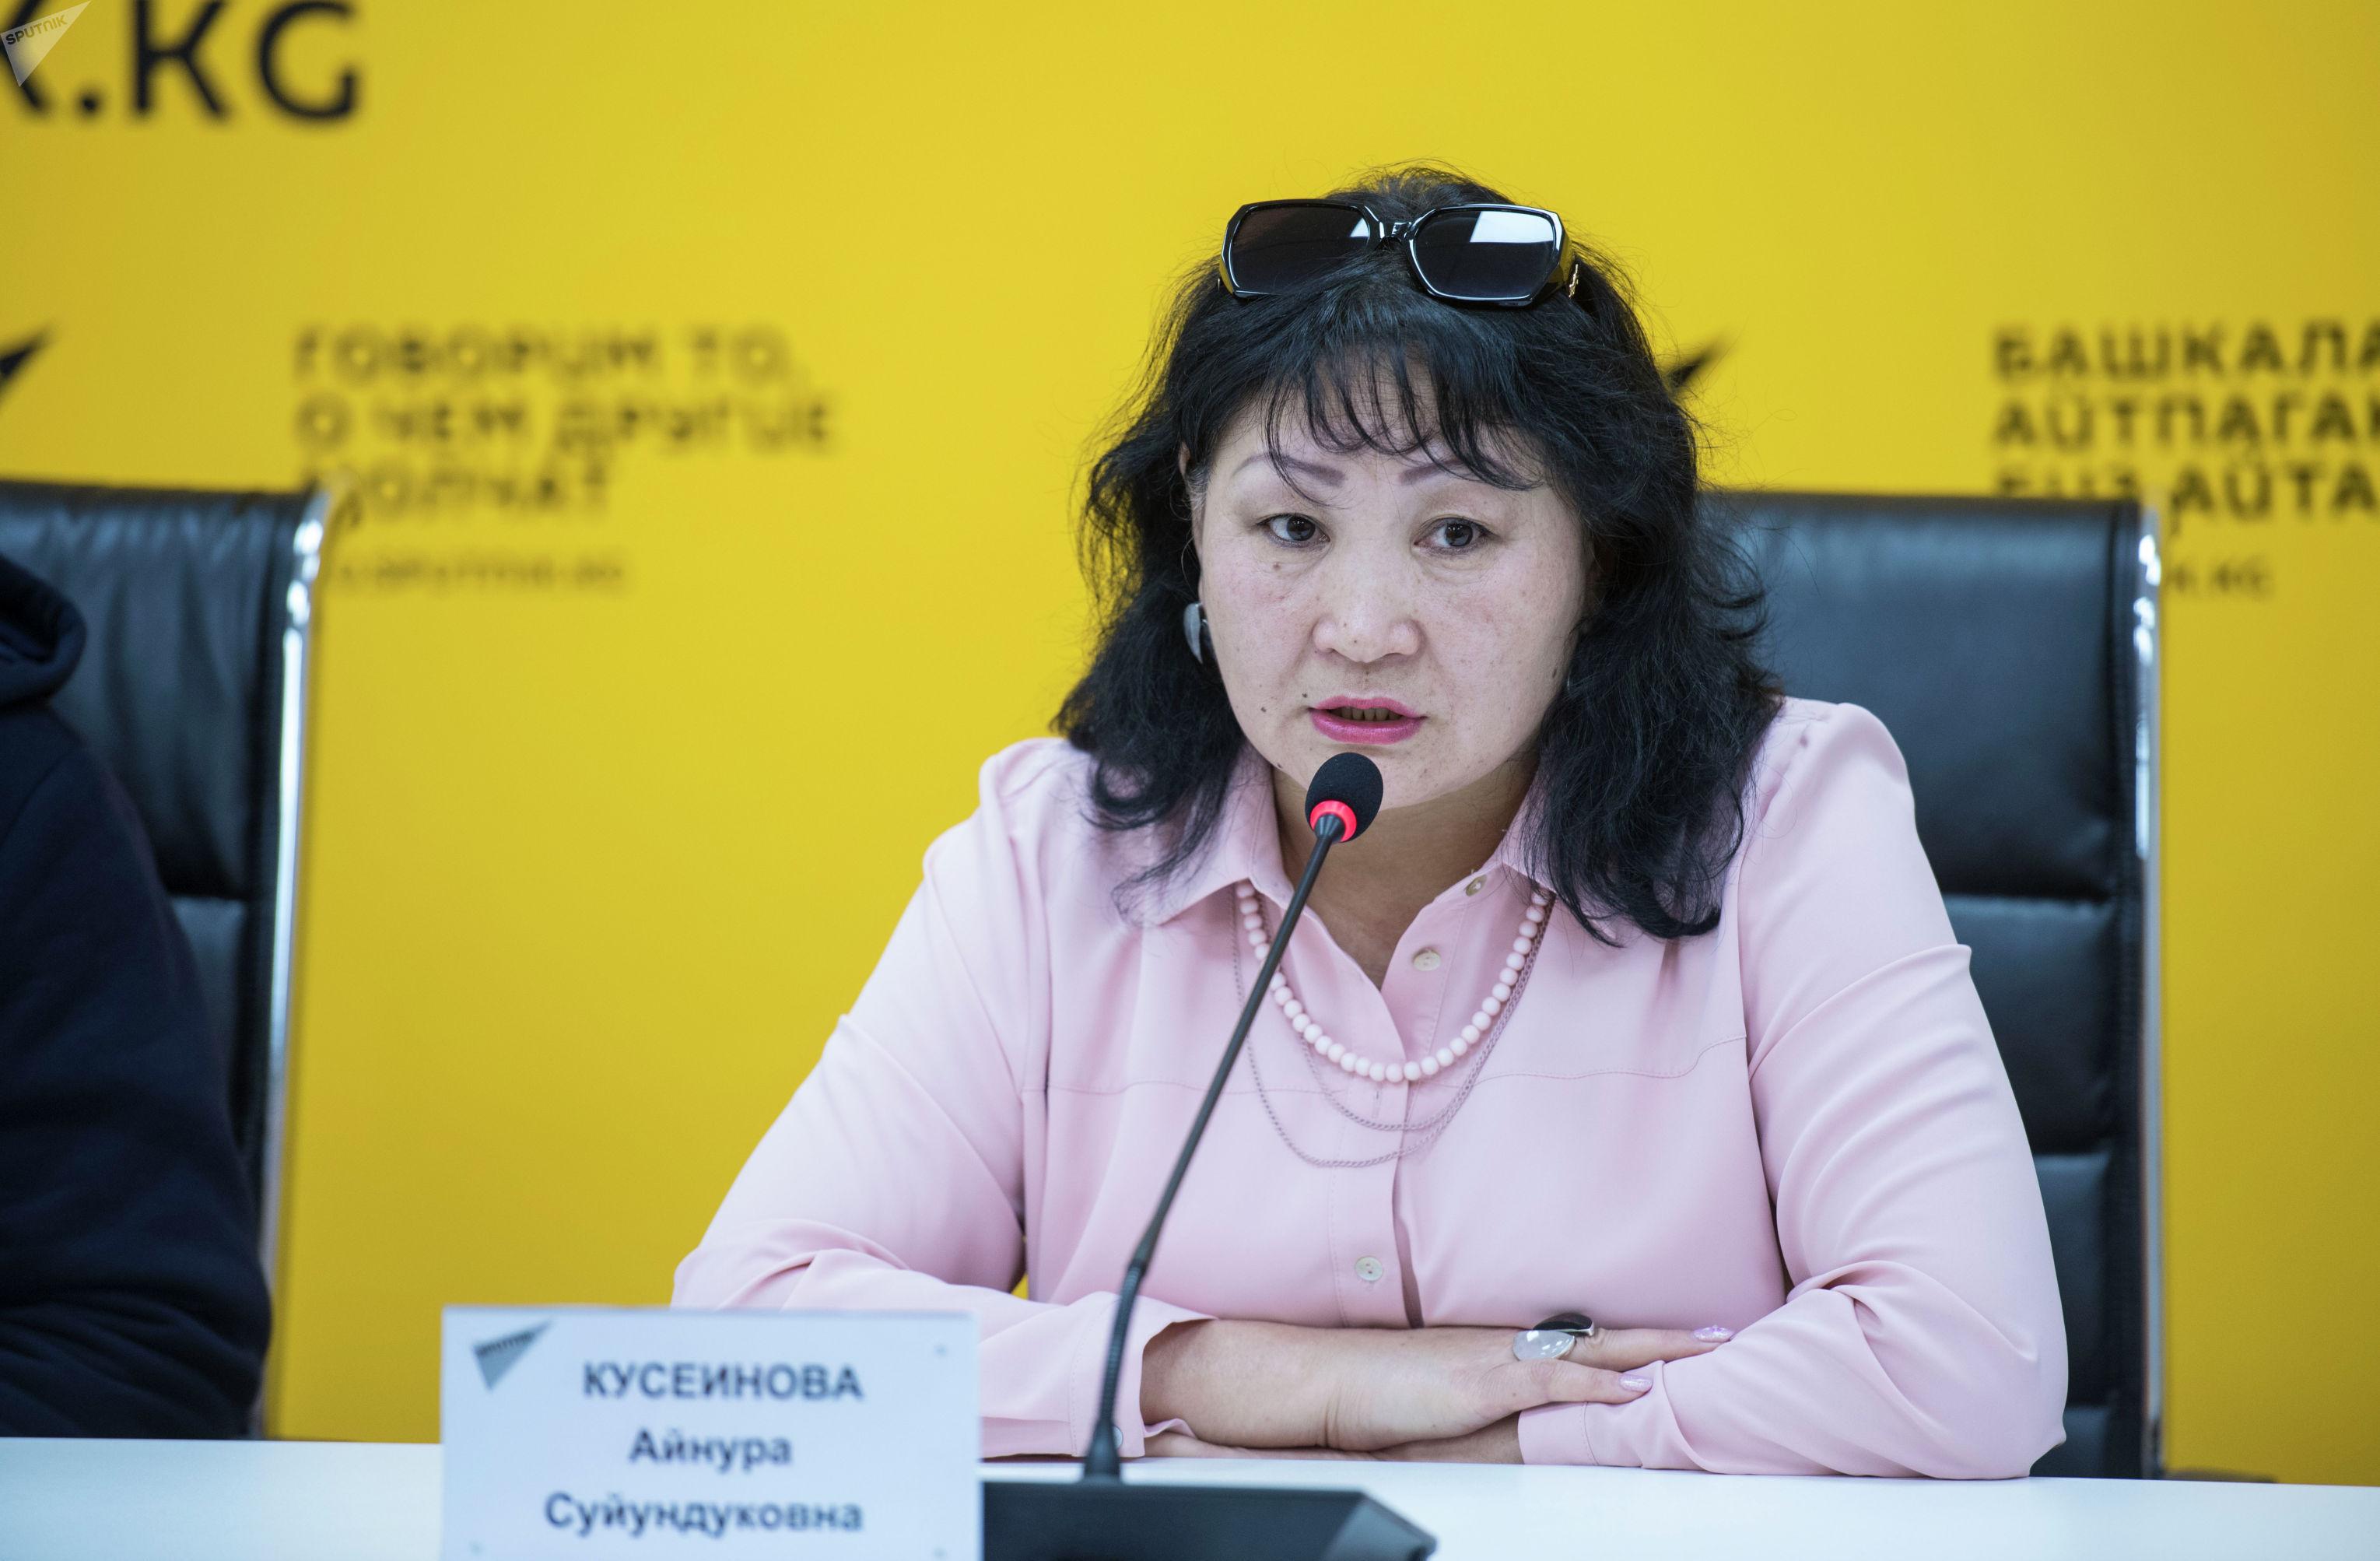 Ведущий специалист Управления дошкольного, школьного и внешкольного образования Министерства образования и науки КР Айнура Кусеинова на пресс-конференции в мультимедийном пресс-центре Sputnik Кыргызстан